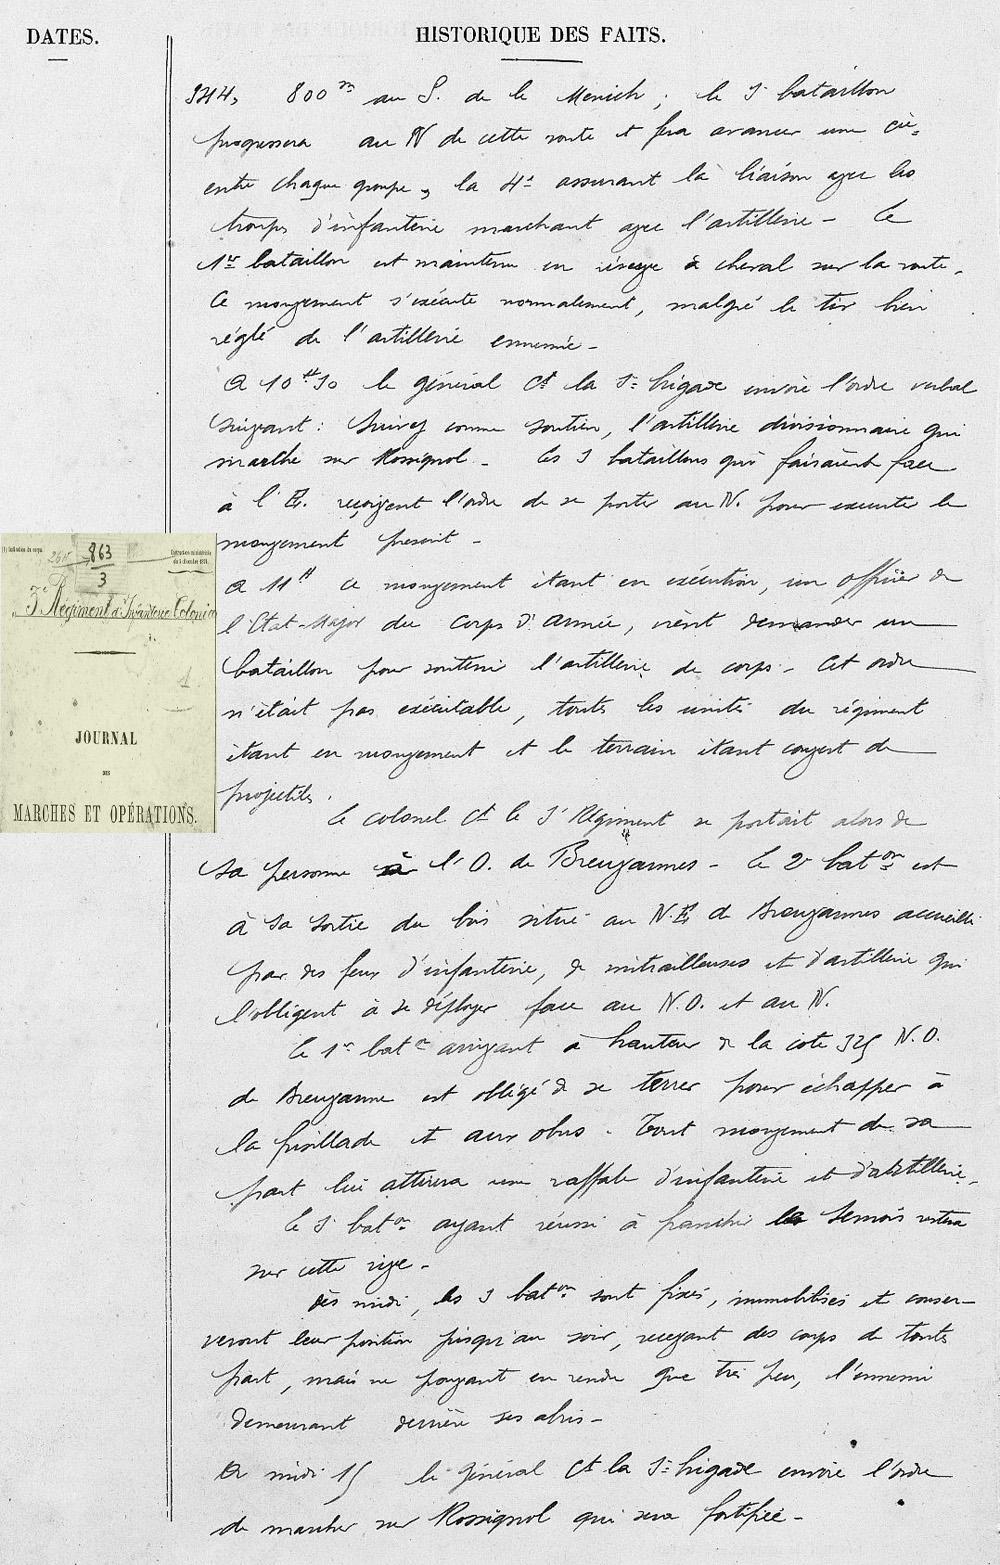 extrait jmo 18 au 23 aout 1914 page 2_modifié-1